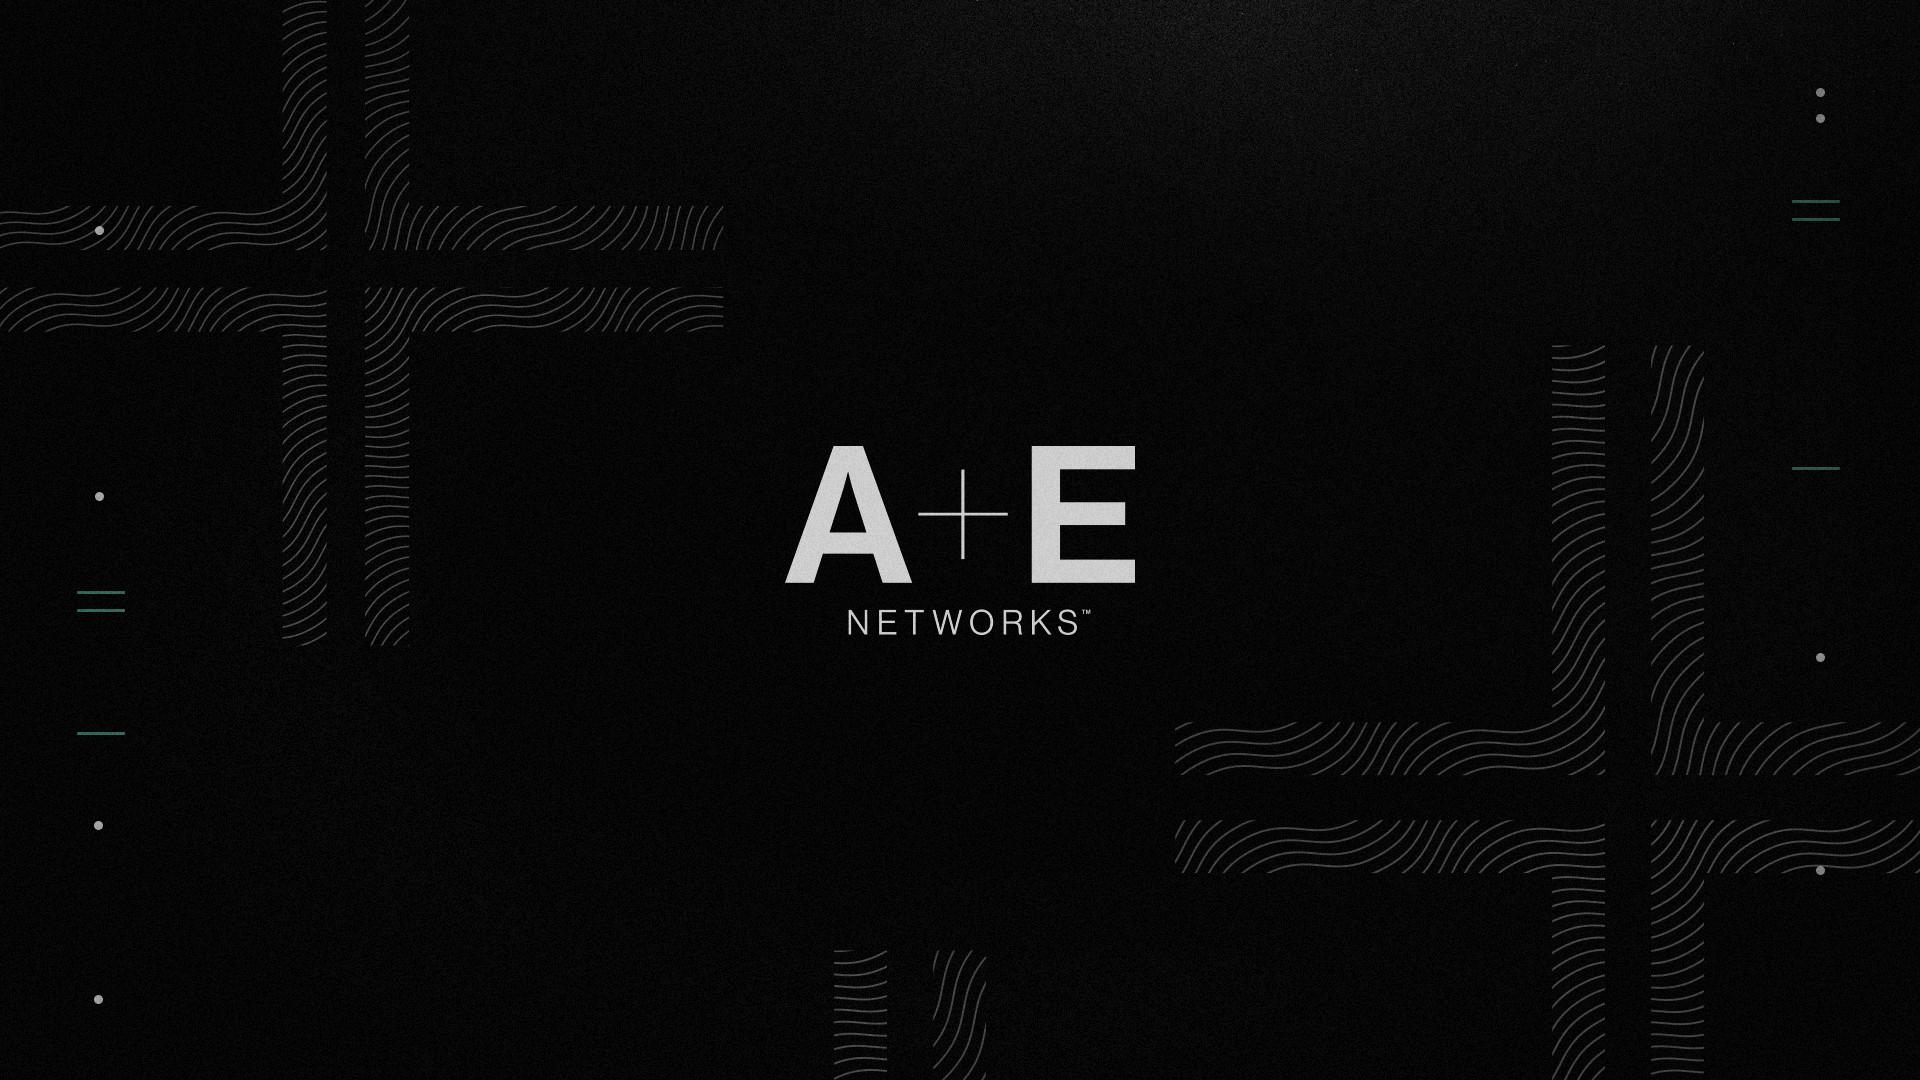 A+E_Upfront_AE_00_BGgraphics.jpg